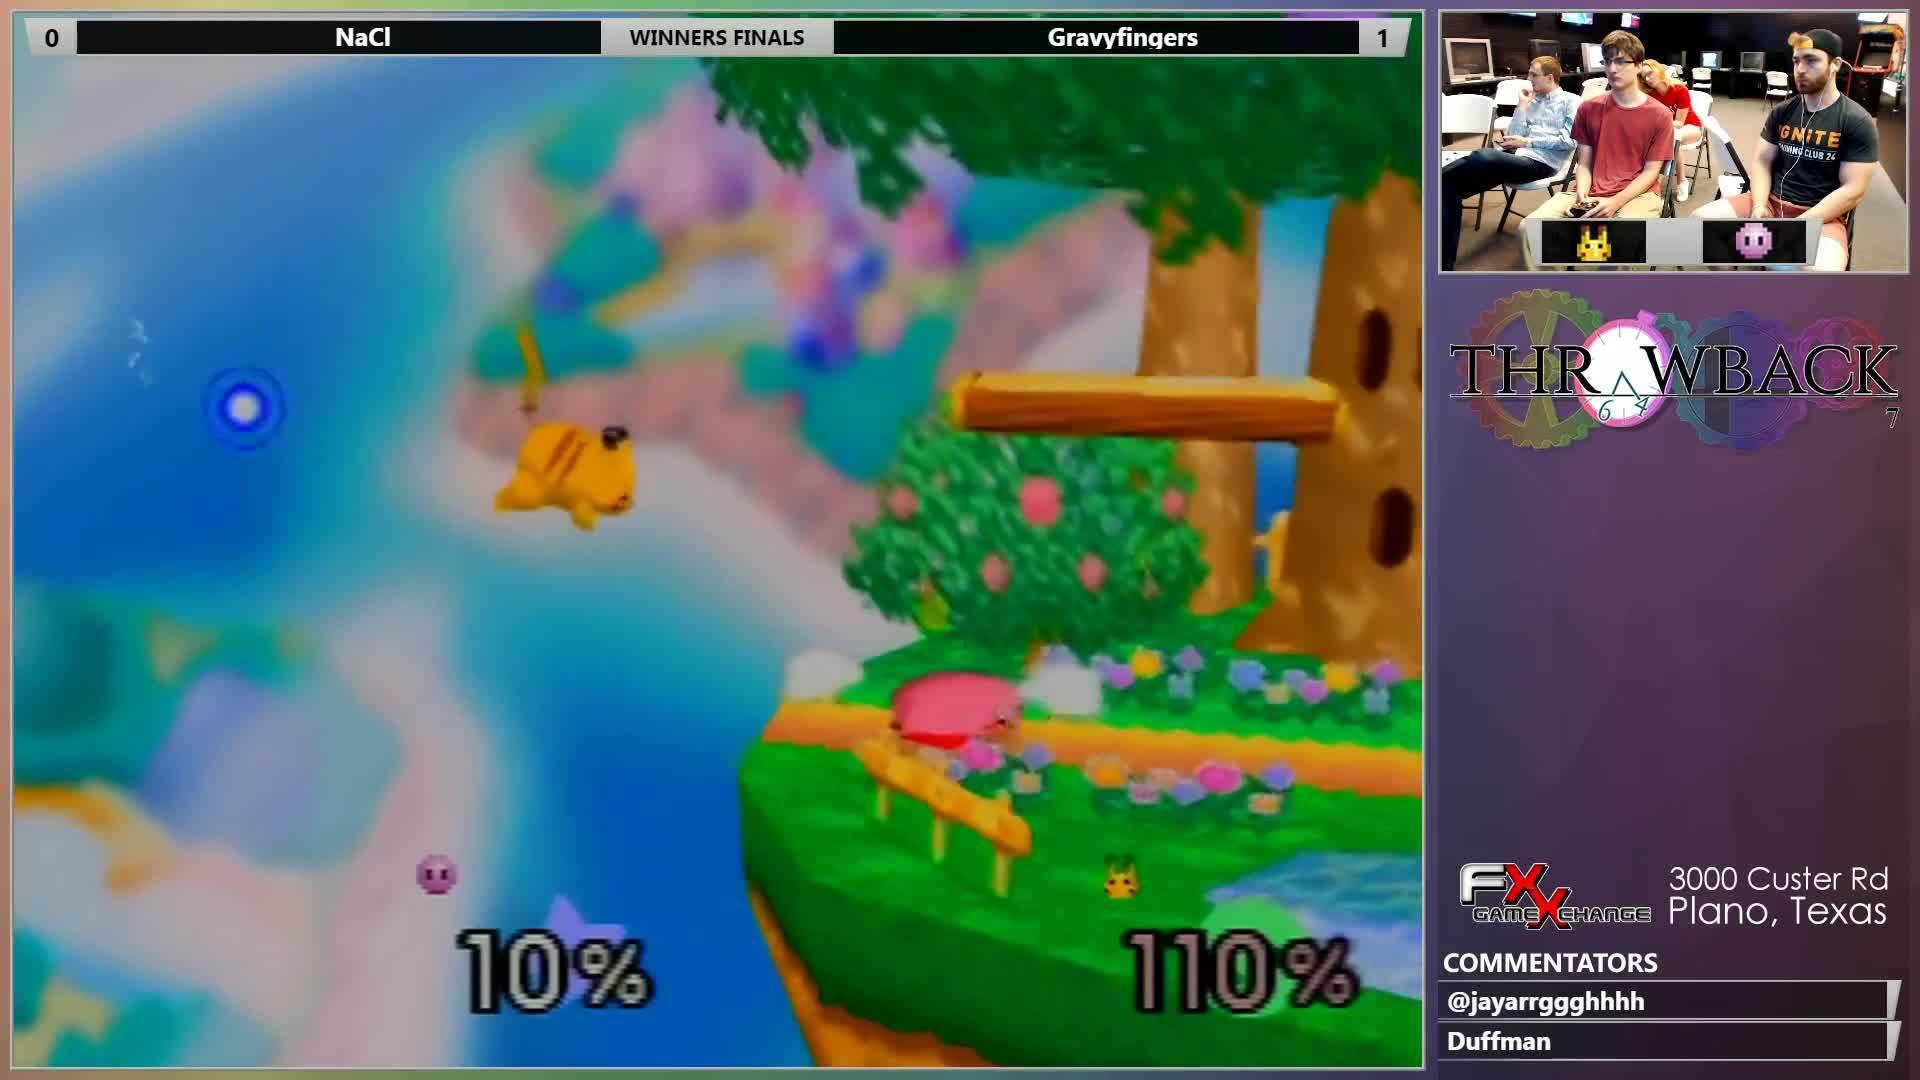 melee, pm, project, TB 7 - Gravyfingers (Pikachu) vs NaCl (Kirby) Winners Finals - SSB64 GIFs